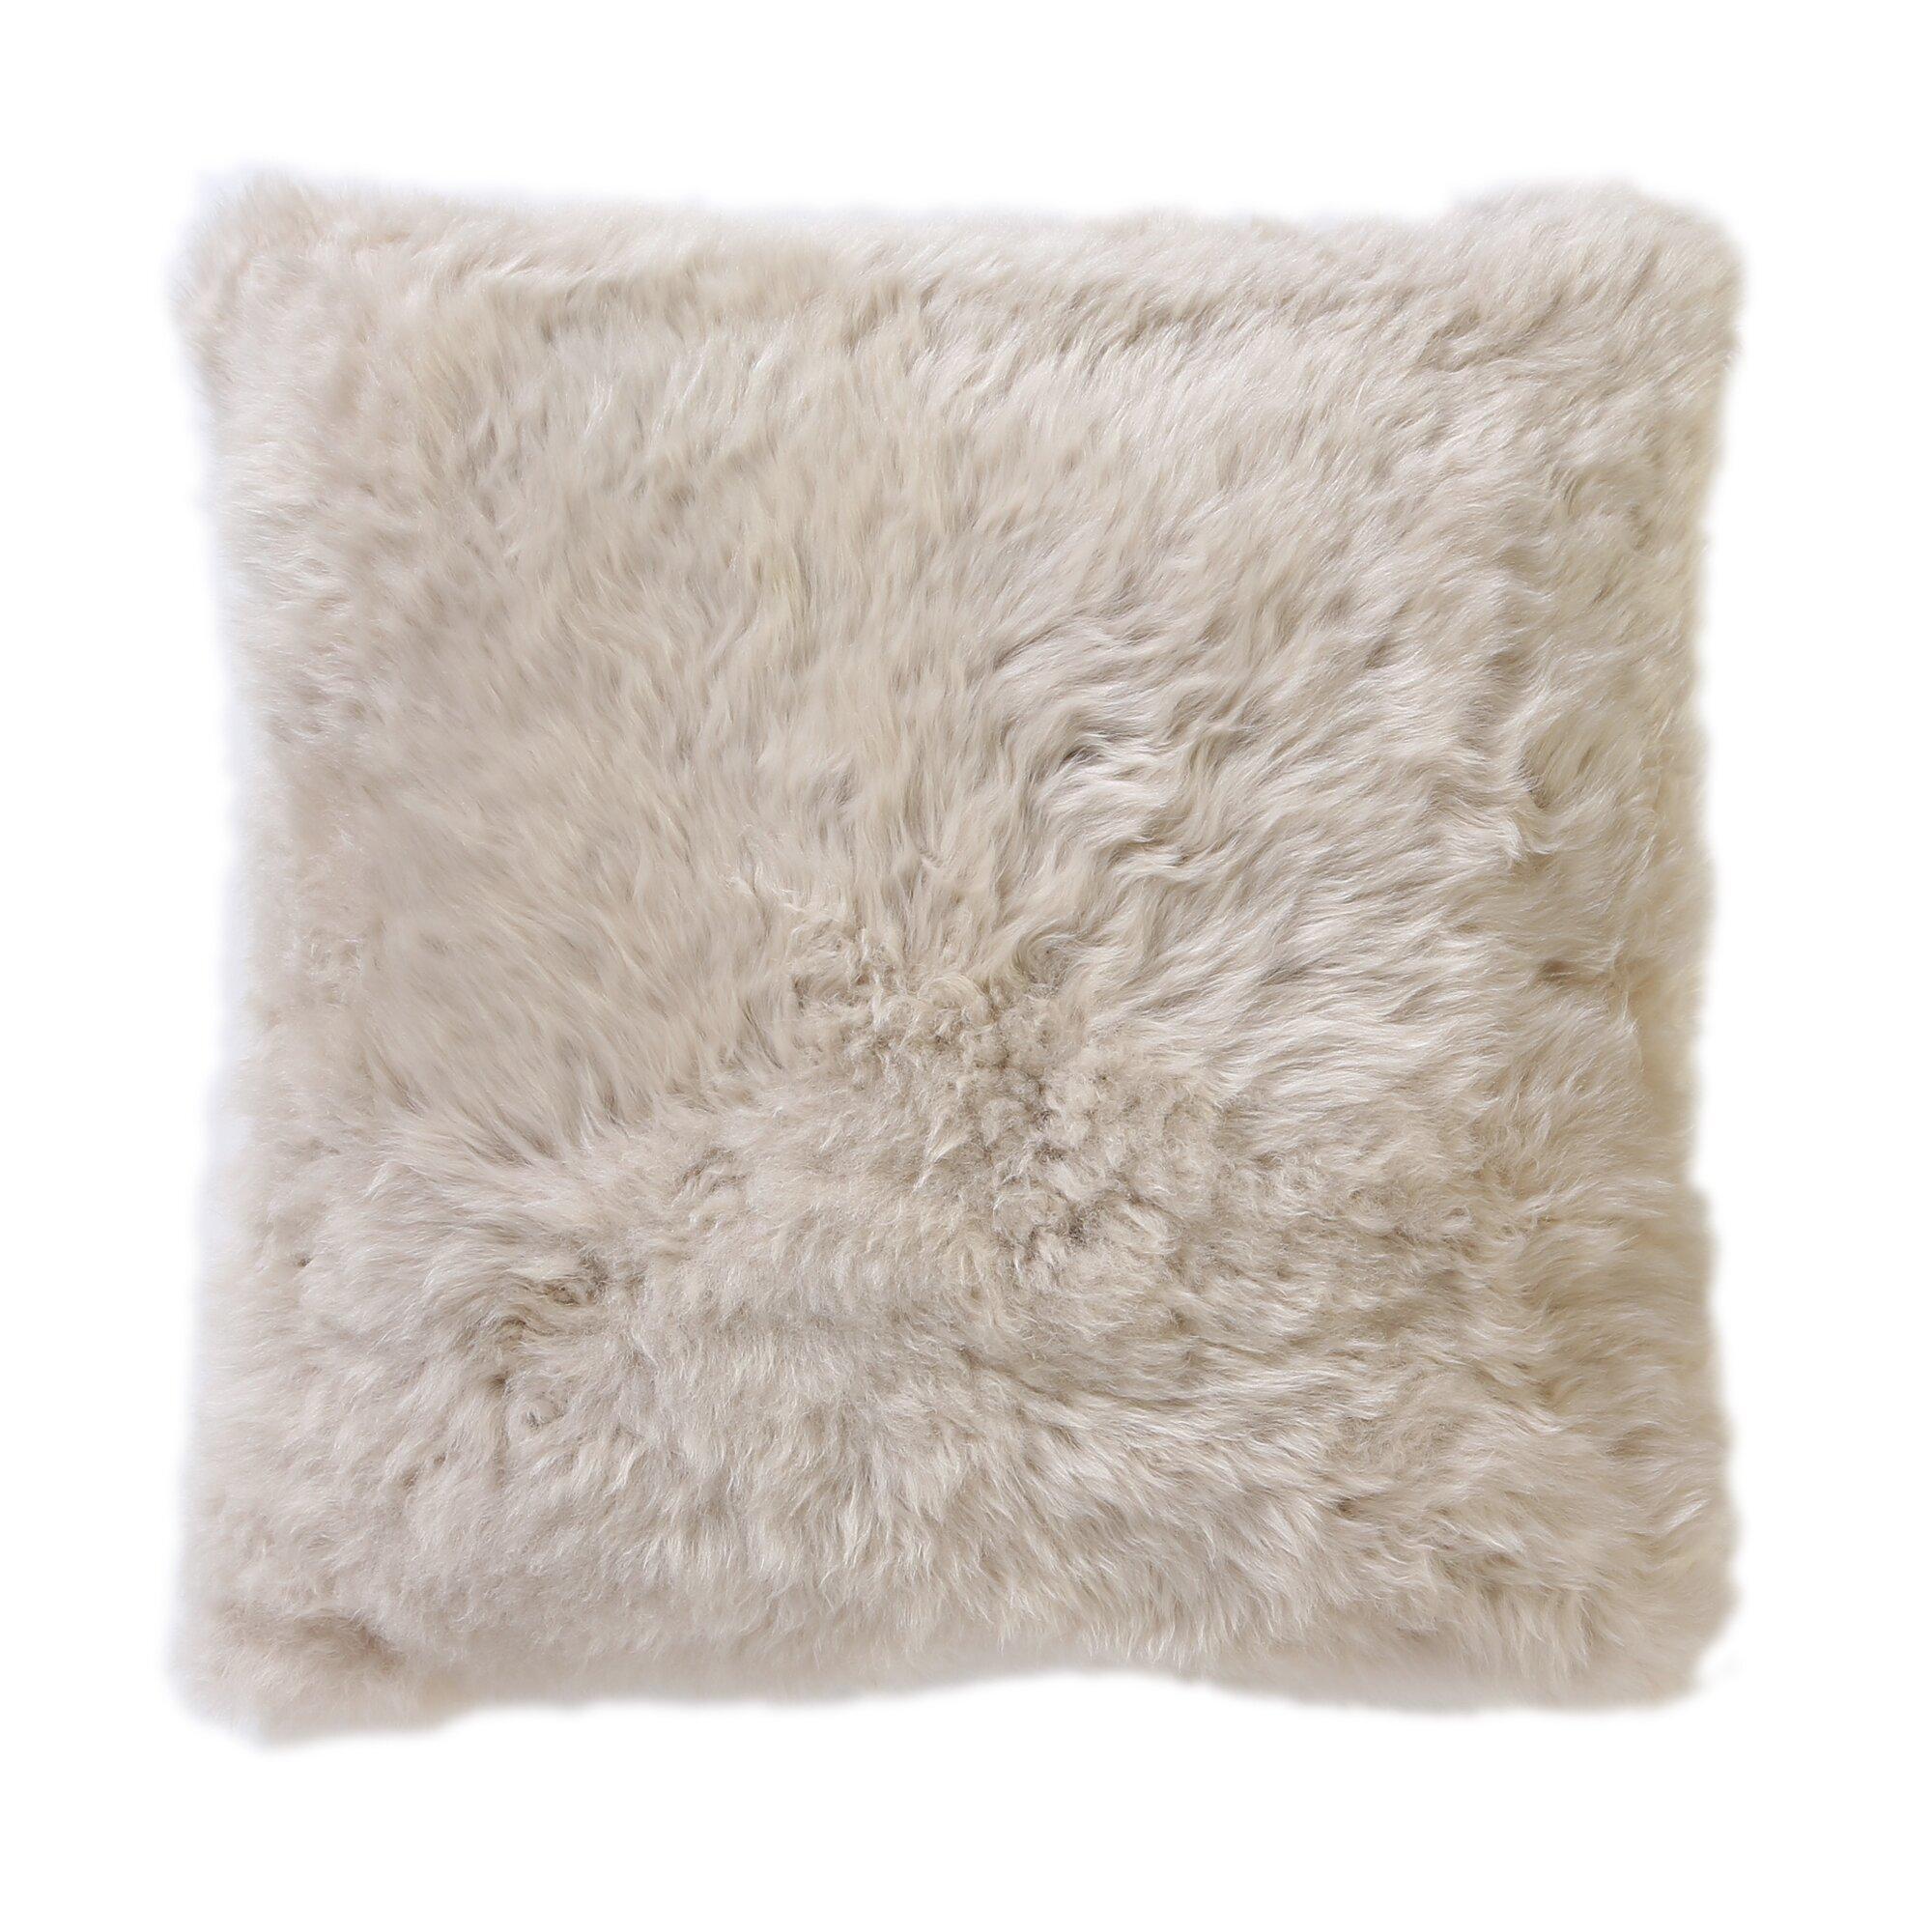 Fibre by Auskin Throw Pillow & Reviews | Wayfair - Fibre by Auskin Throw Pillow